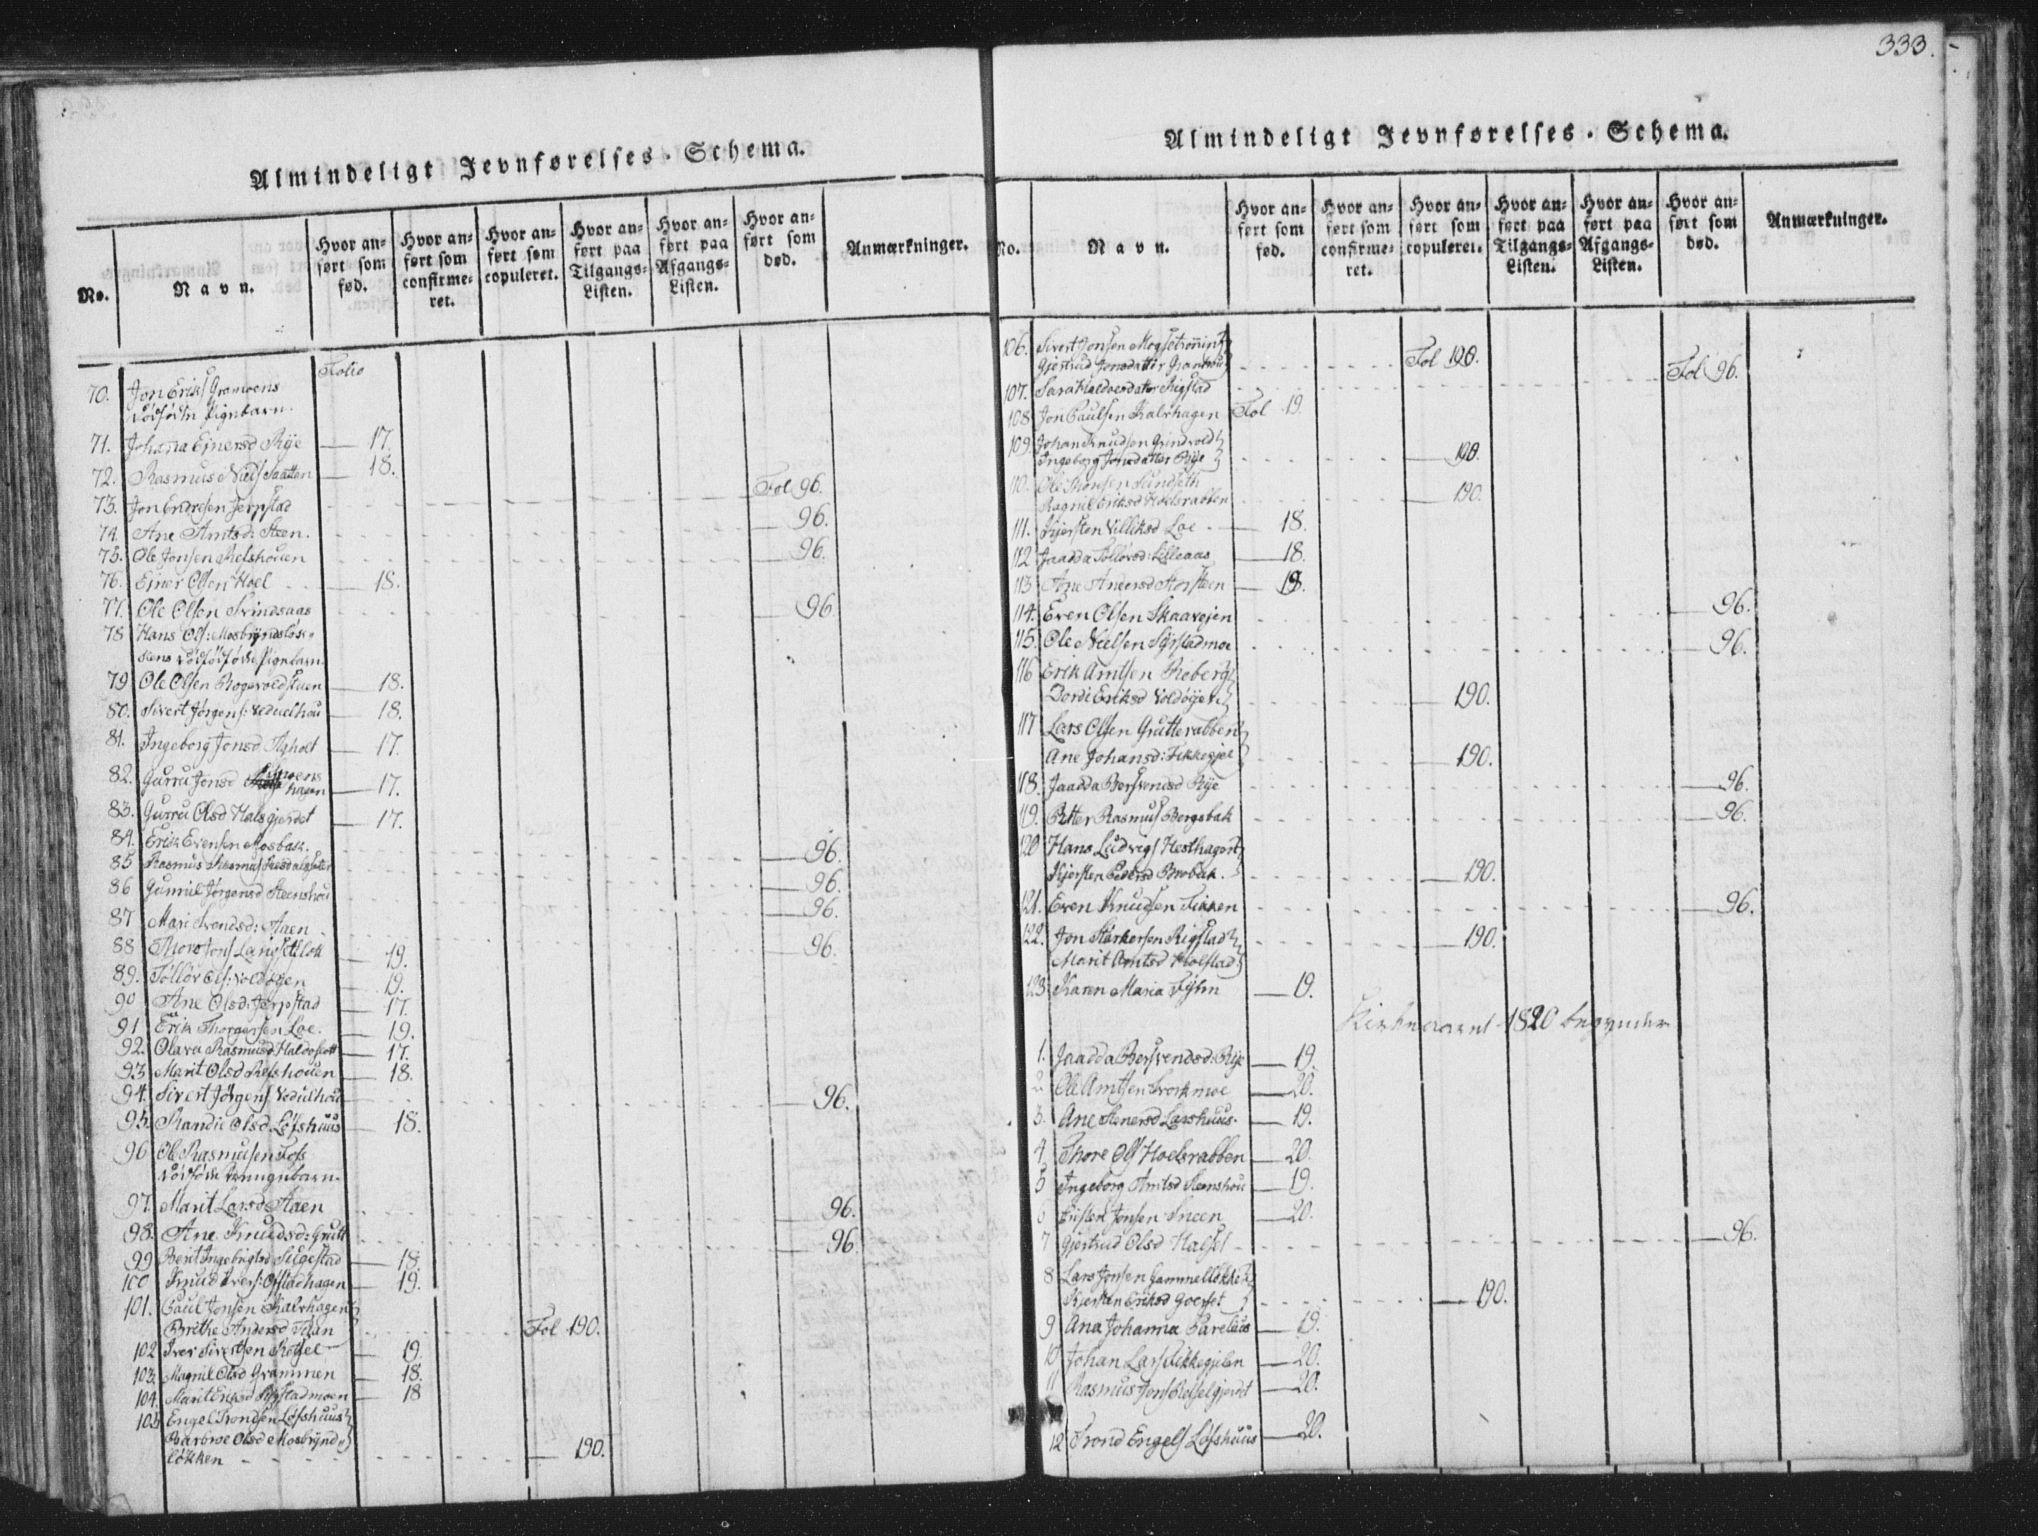 SAT, Ministerialprotokoller, klokkerbøker og fødselsregistre - Sør-Trøndelag, 672/L0862: Klokkerbok nr. 672C01, 1816-1831, s. 333